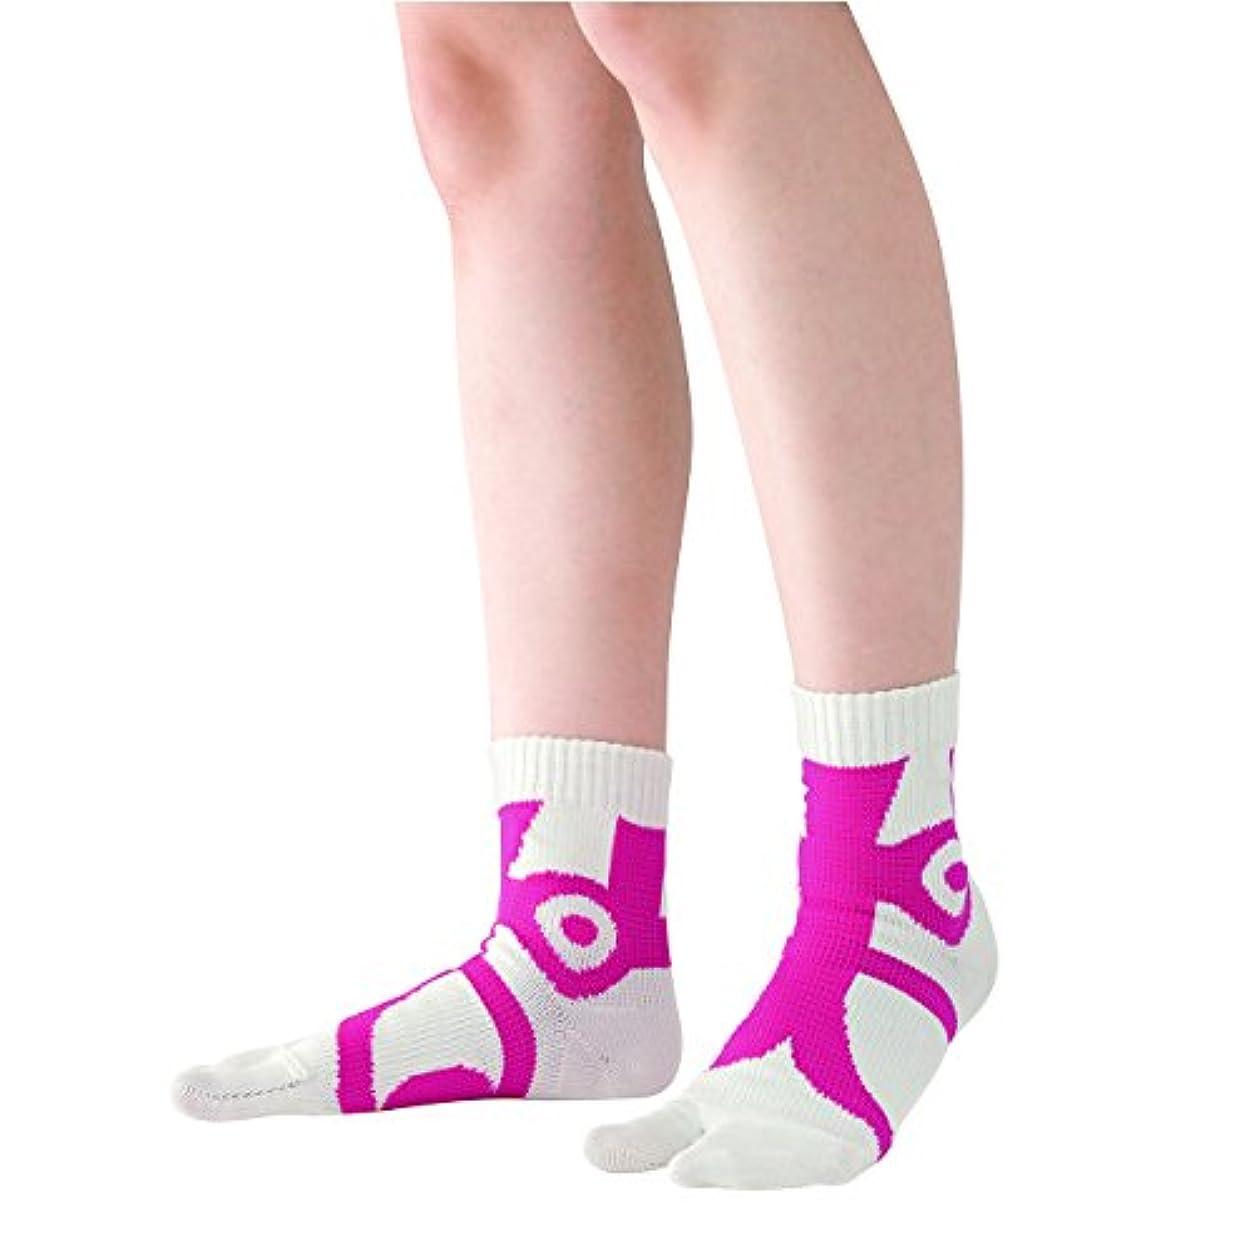 コード内向き印象派快歩テーピング靴下 ホワイト×ピンク